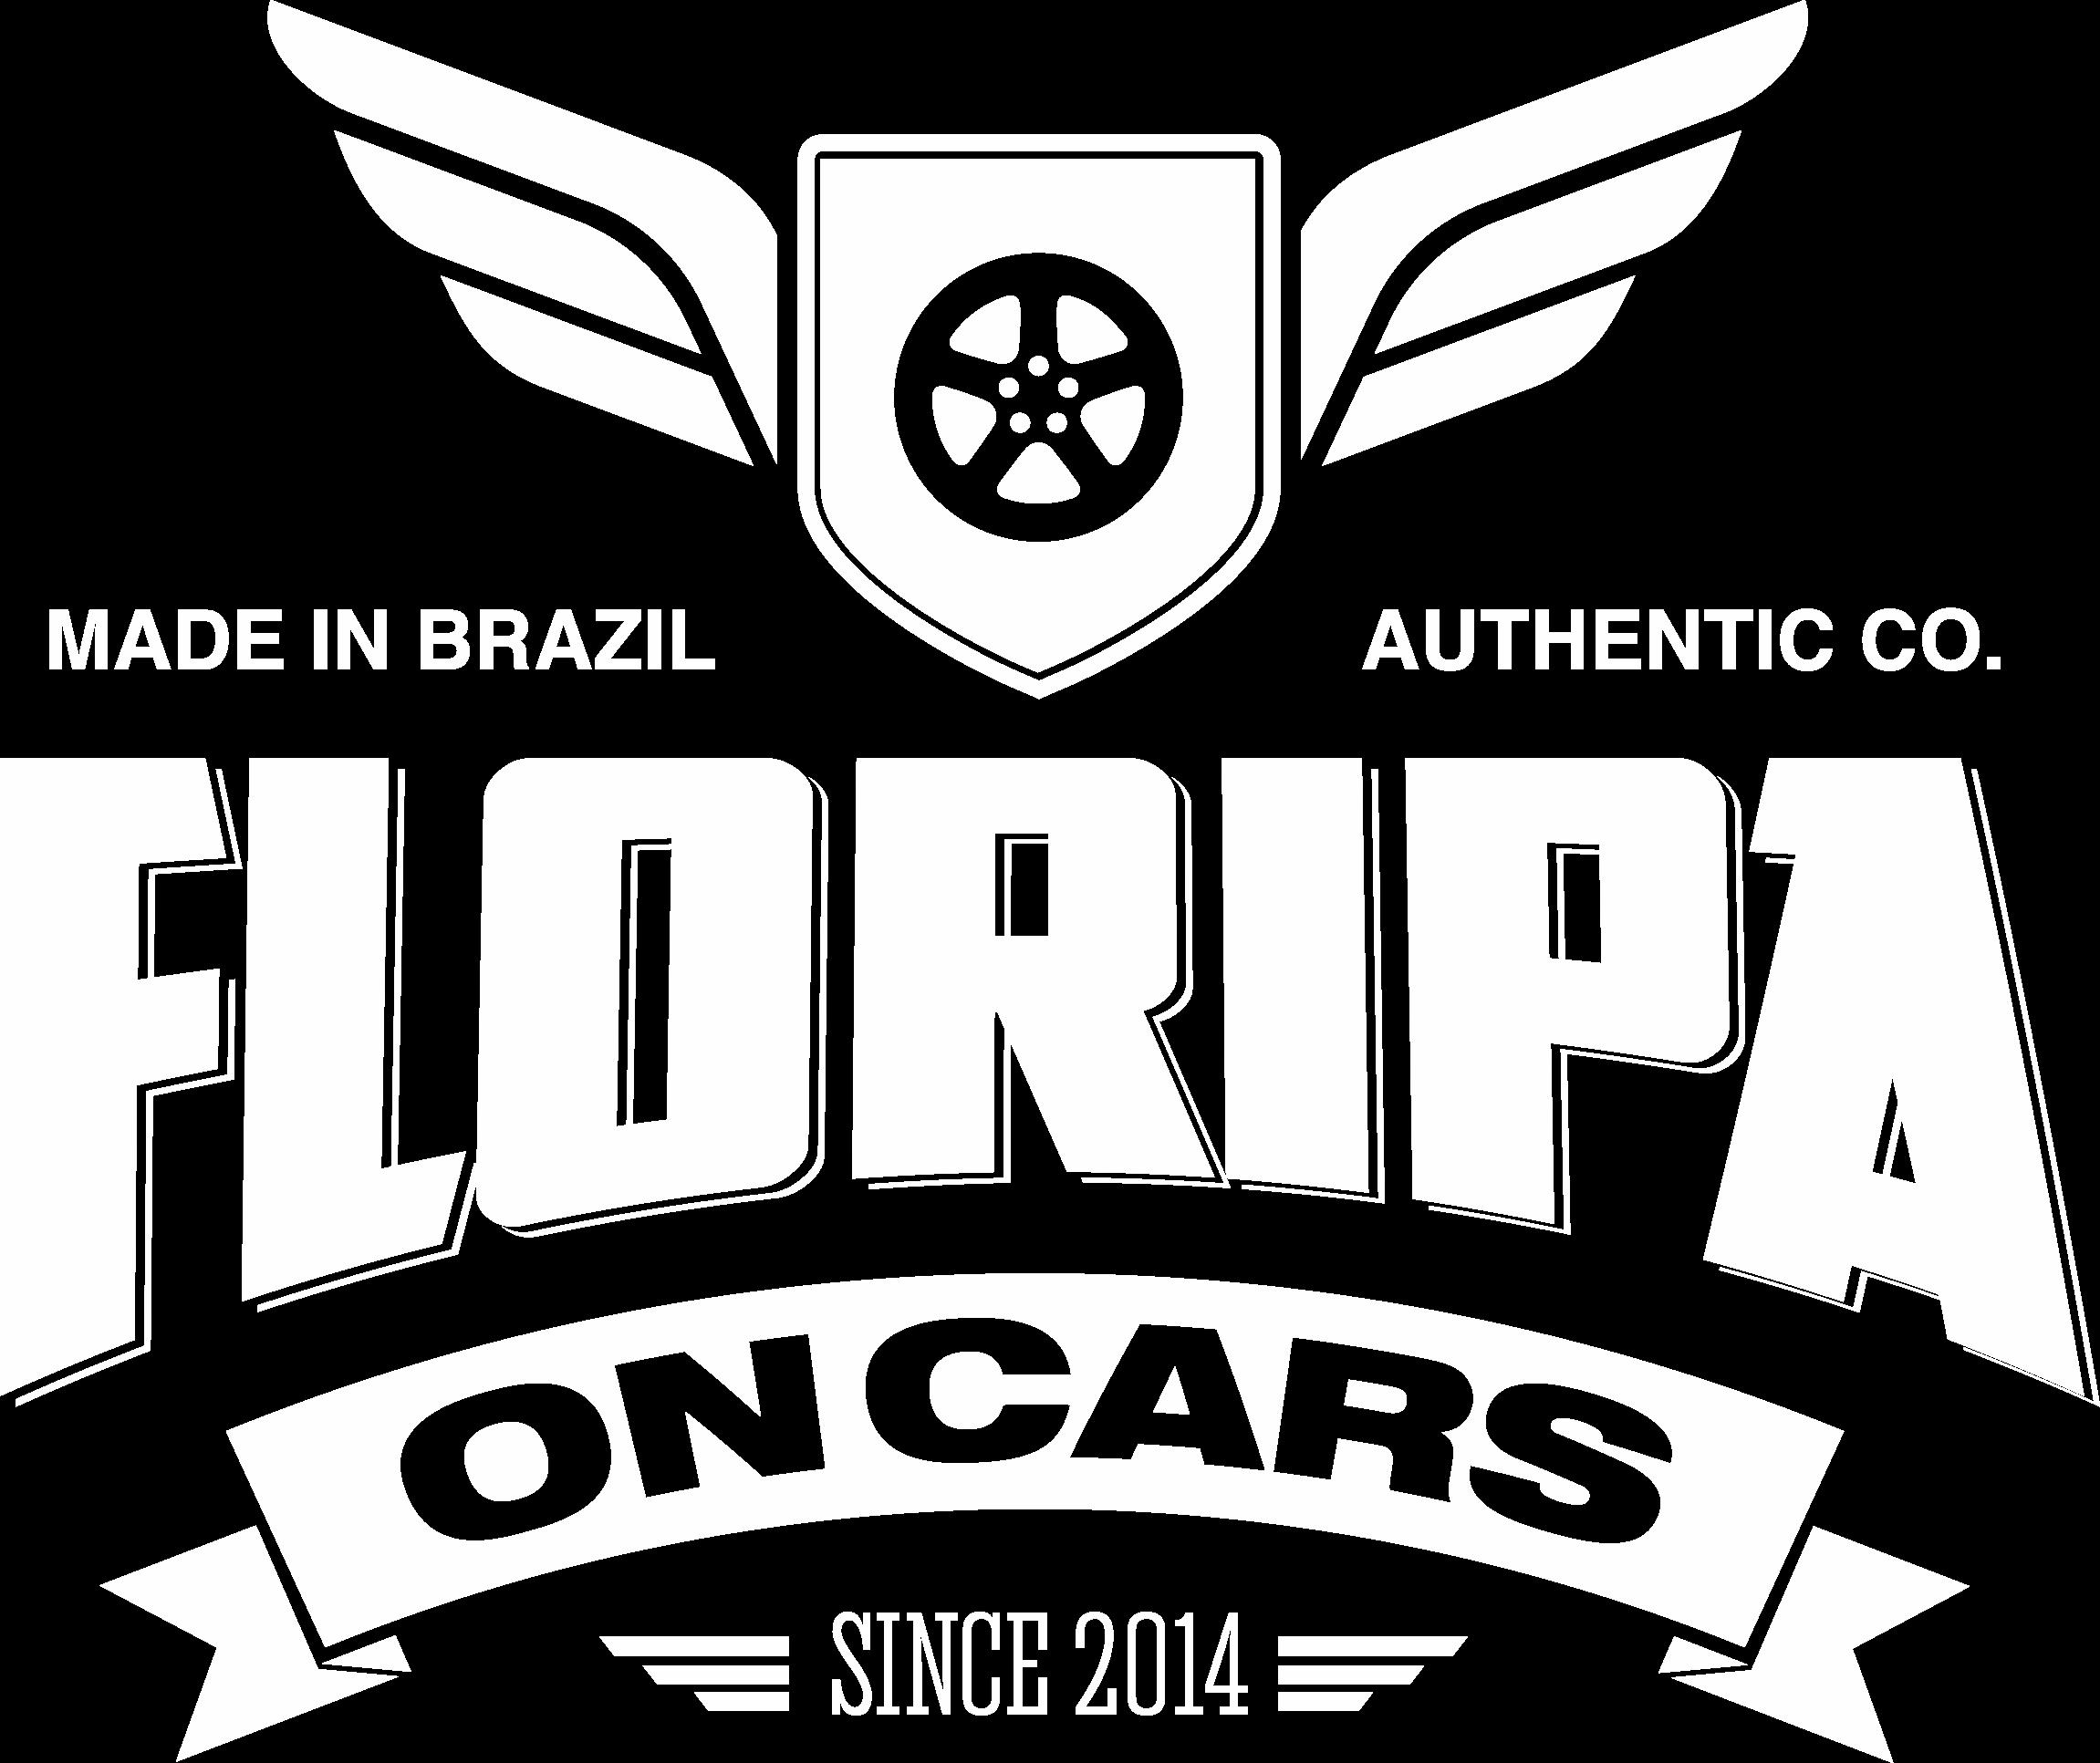 Floripa On Cars